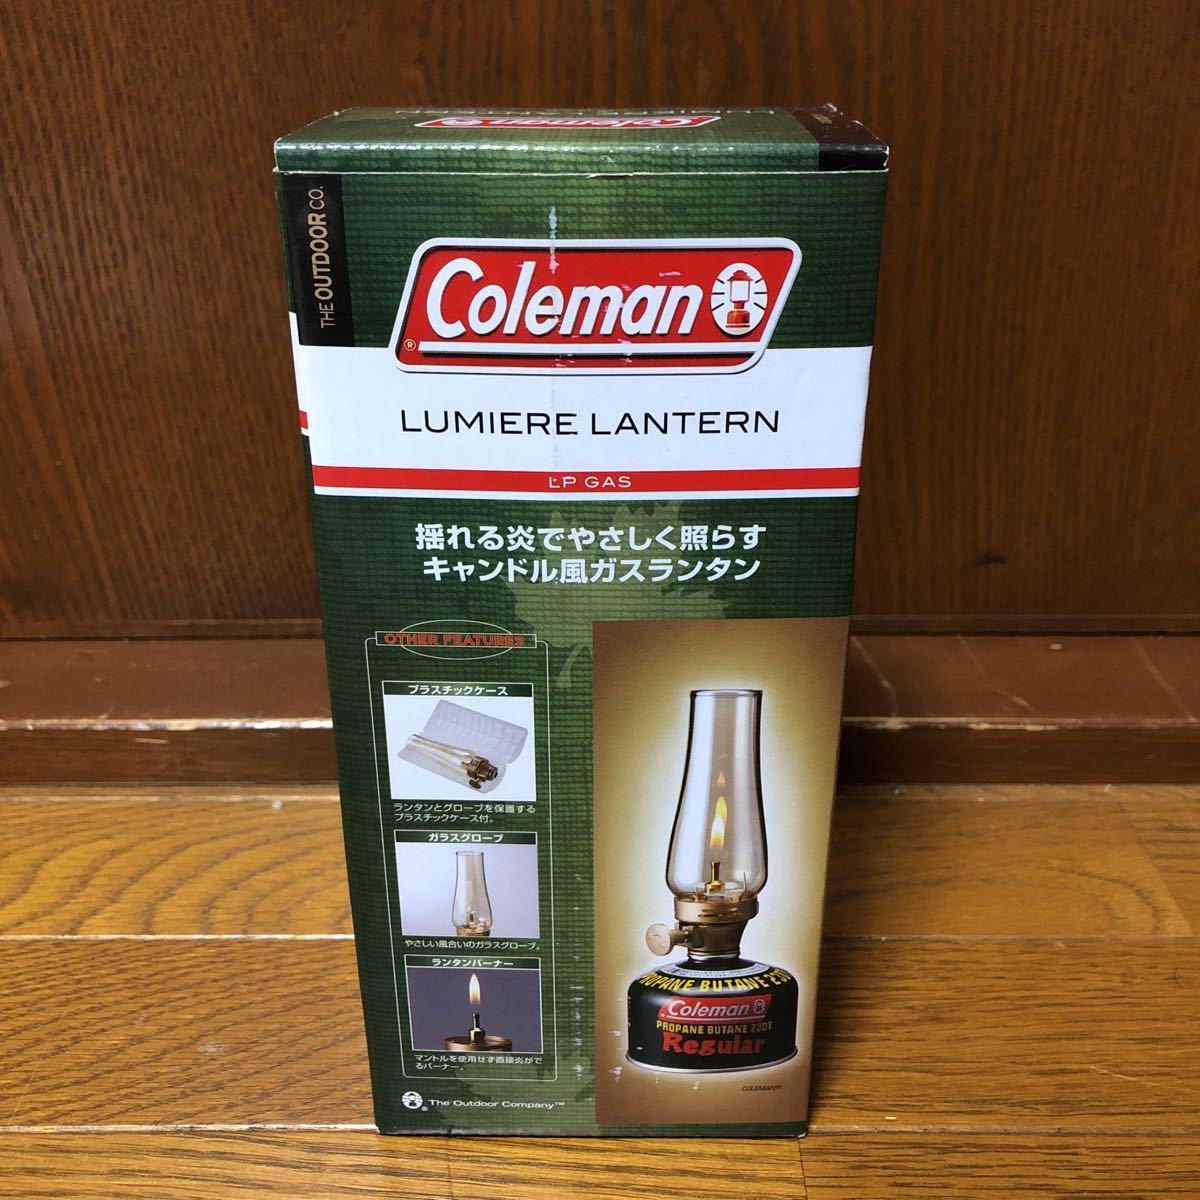 完売★新品 Coleman コールマン ルミエール ランタン LUMIERE LANTERN キャンプ キャンドル ゆるキャン